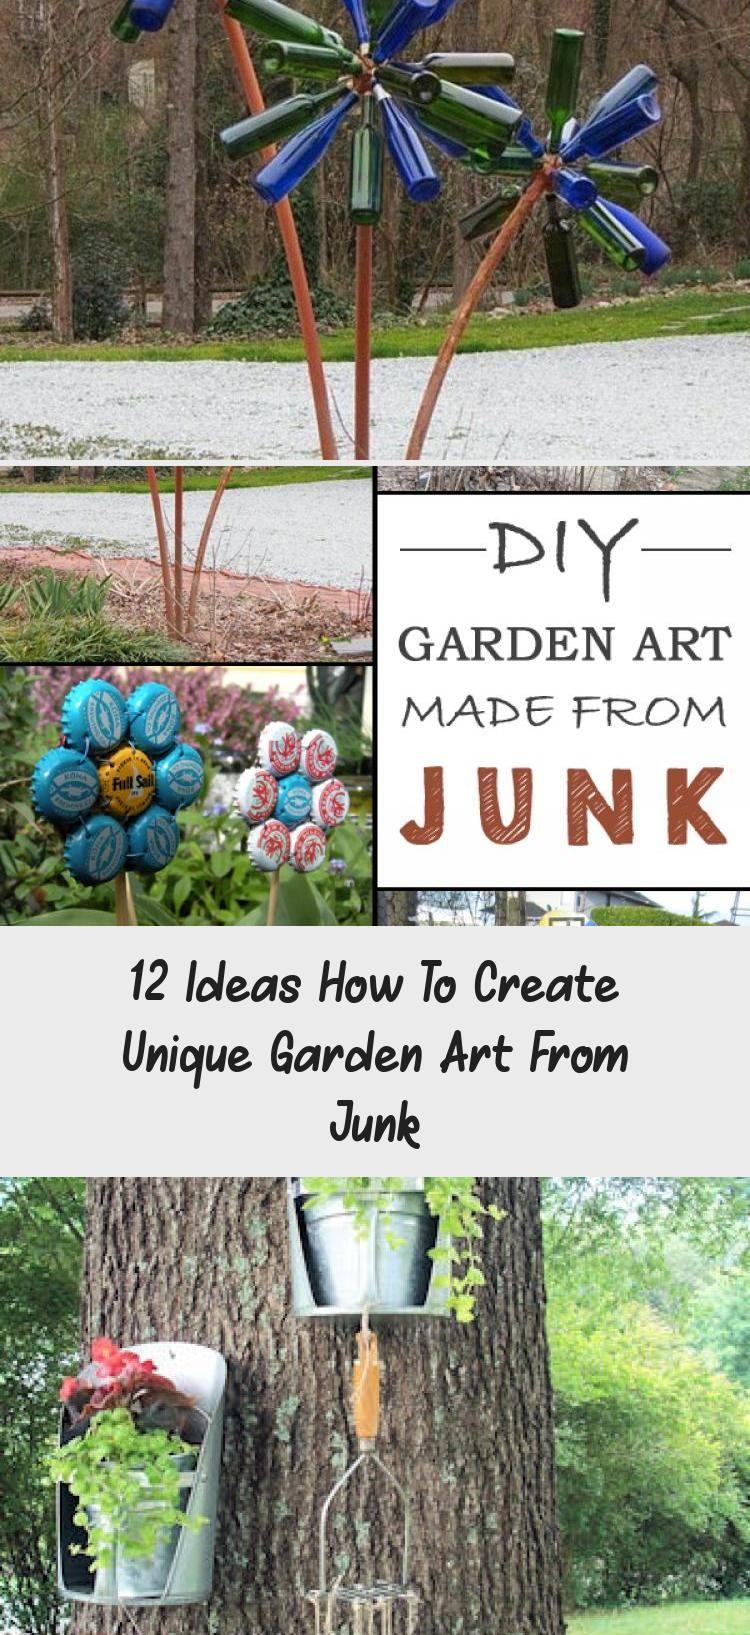 12 Ideas How To Create Unique Garden Art From Junk • Garden Decor